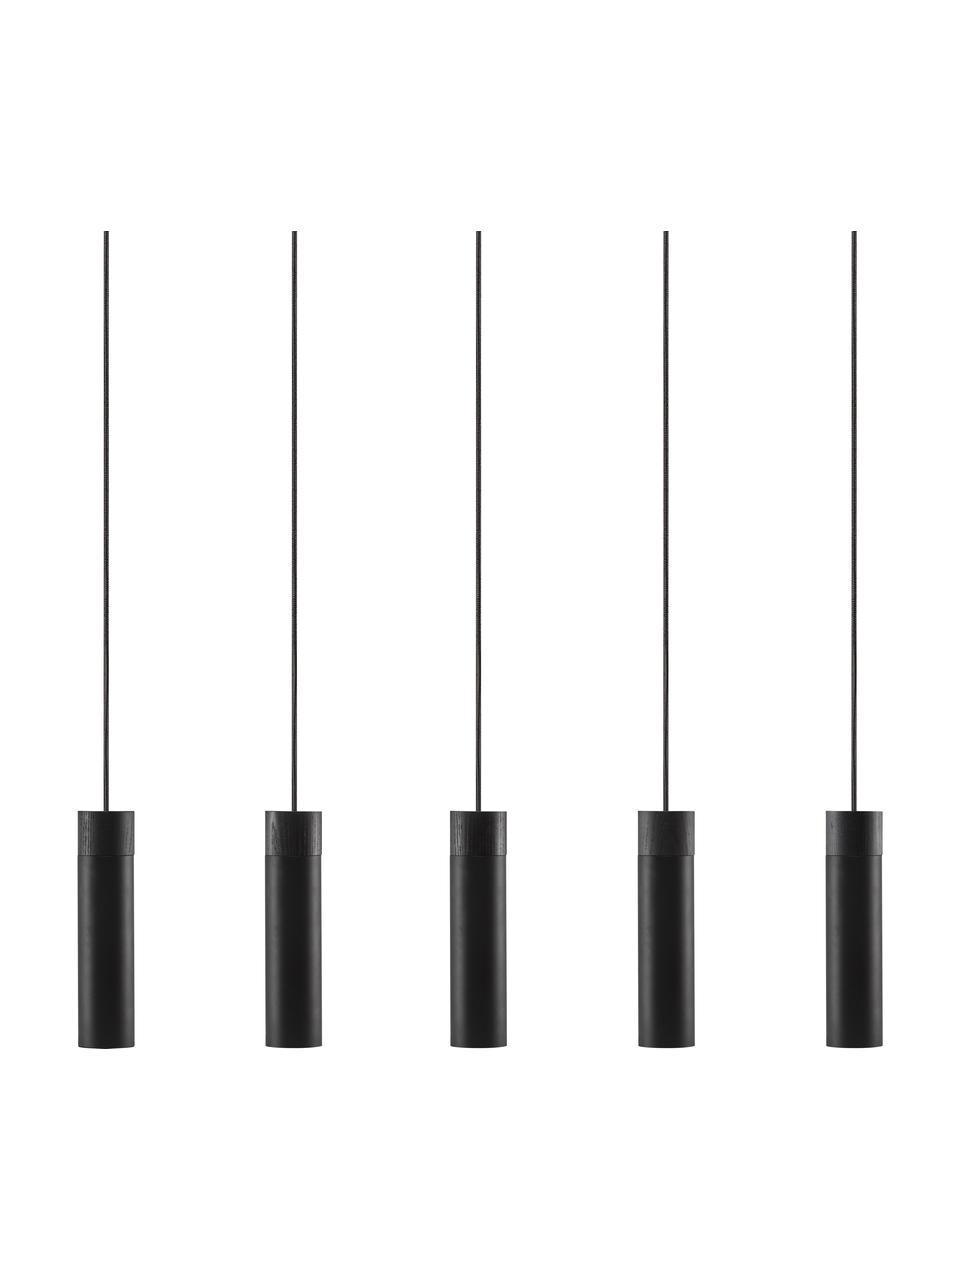 Große Pendelleuchte Tilo in Schwarz-Gold mit Holzdekor, Lampenschirm: Metall, beschichtet, Dekor: Holz, Baldachin: Metall, beschichtet, Schwarz, 81 x 25 cm